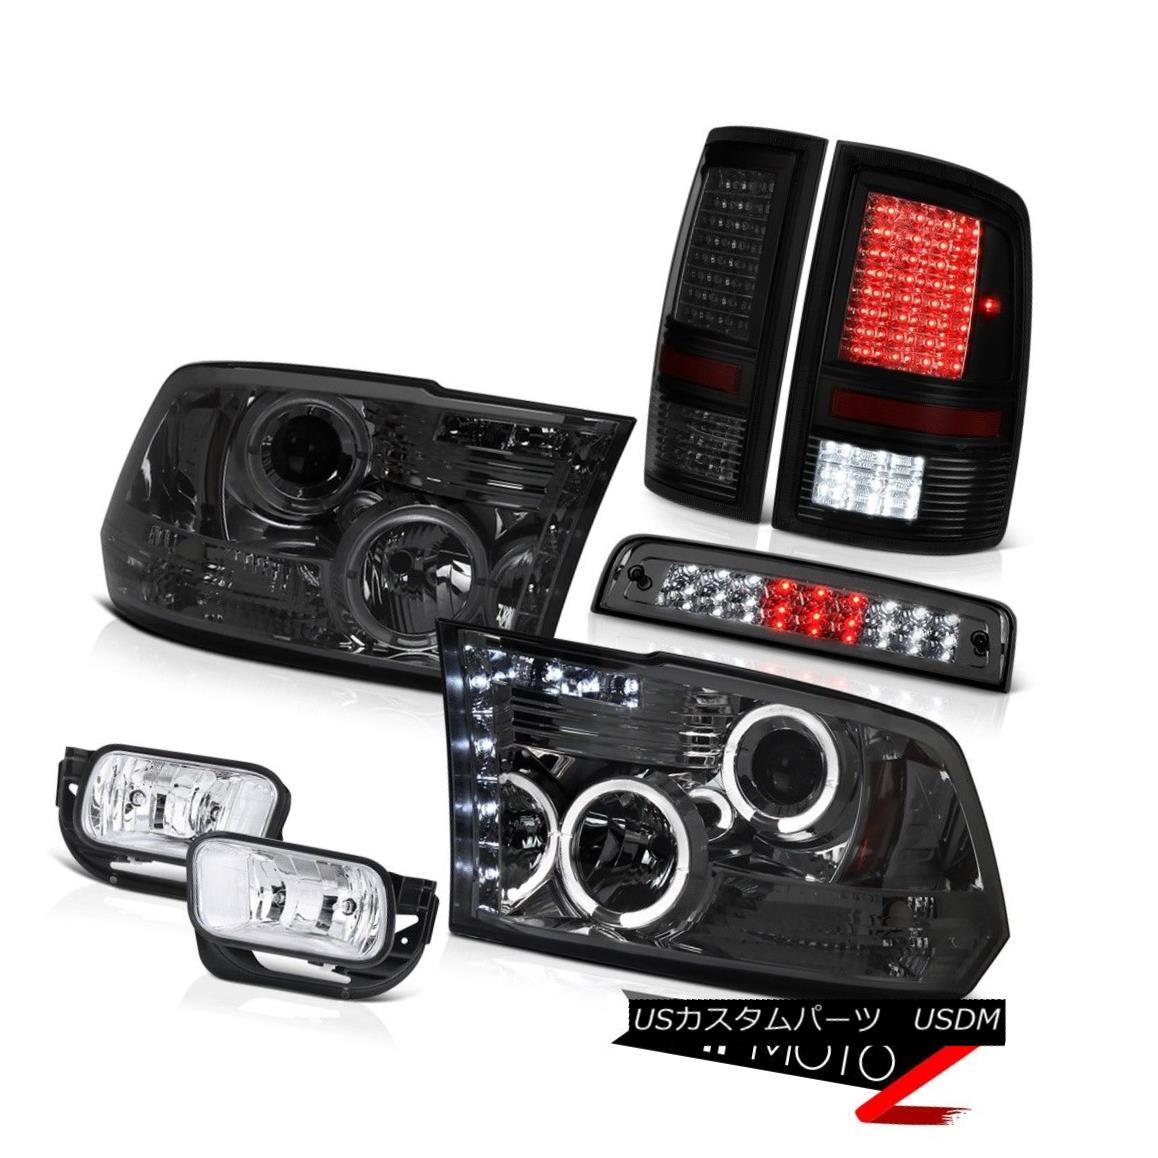 テールライト 09-13 Ram 1500 6.7L Tail Brake Lights Foglamps Roof Light Headlights Dual Halo 09-13ラム1500 6.7Lテールブレーキライトフォグランプルーフライトヘッドライトデュアルヘイロー